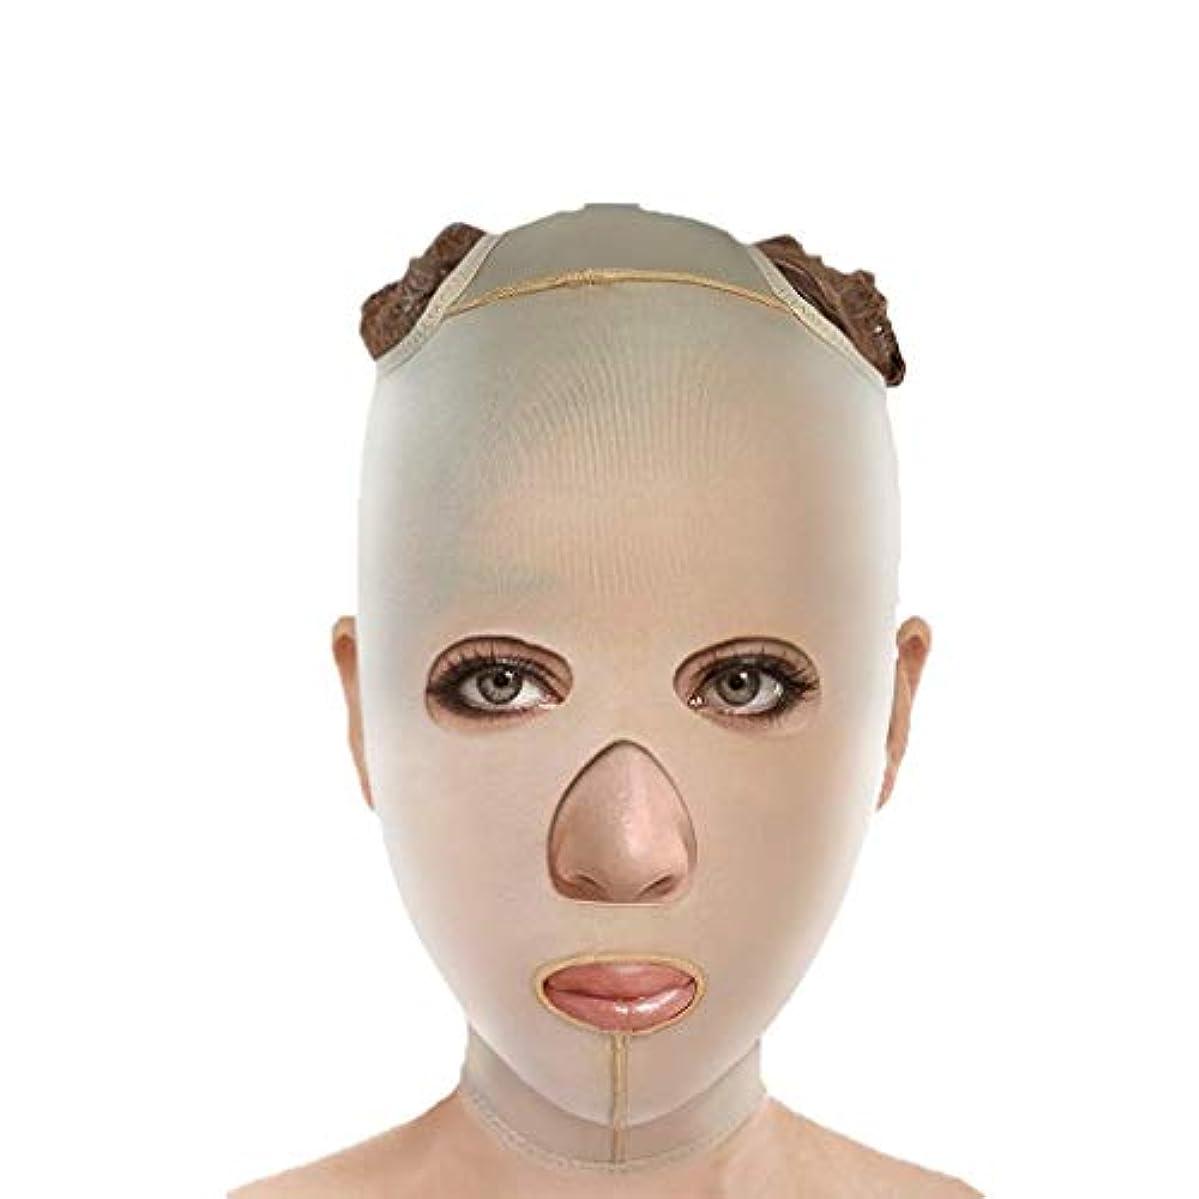 障害男らしさ登るチンストラップ、フェイスリフティング、アンチエイジングフェイシャル包帯、フェイシャル減量マスク、ファーミングマスク、フェイシャルリフティングアーティファクト(サイズ:S),S